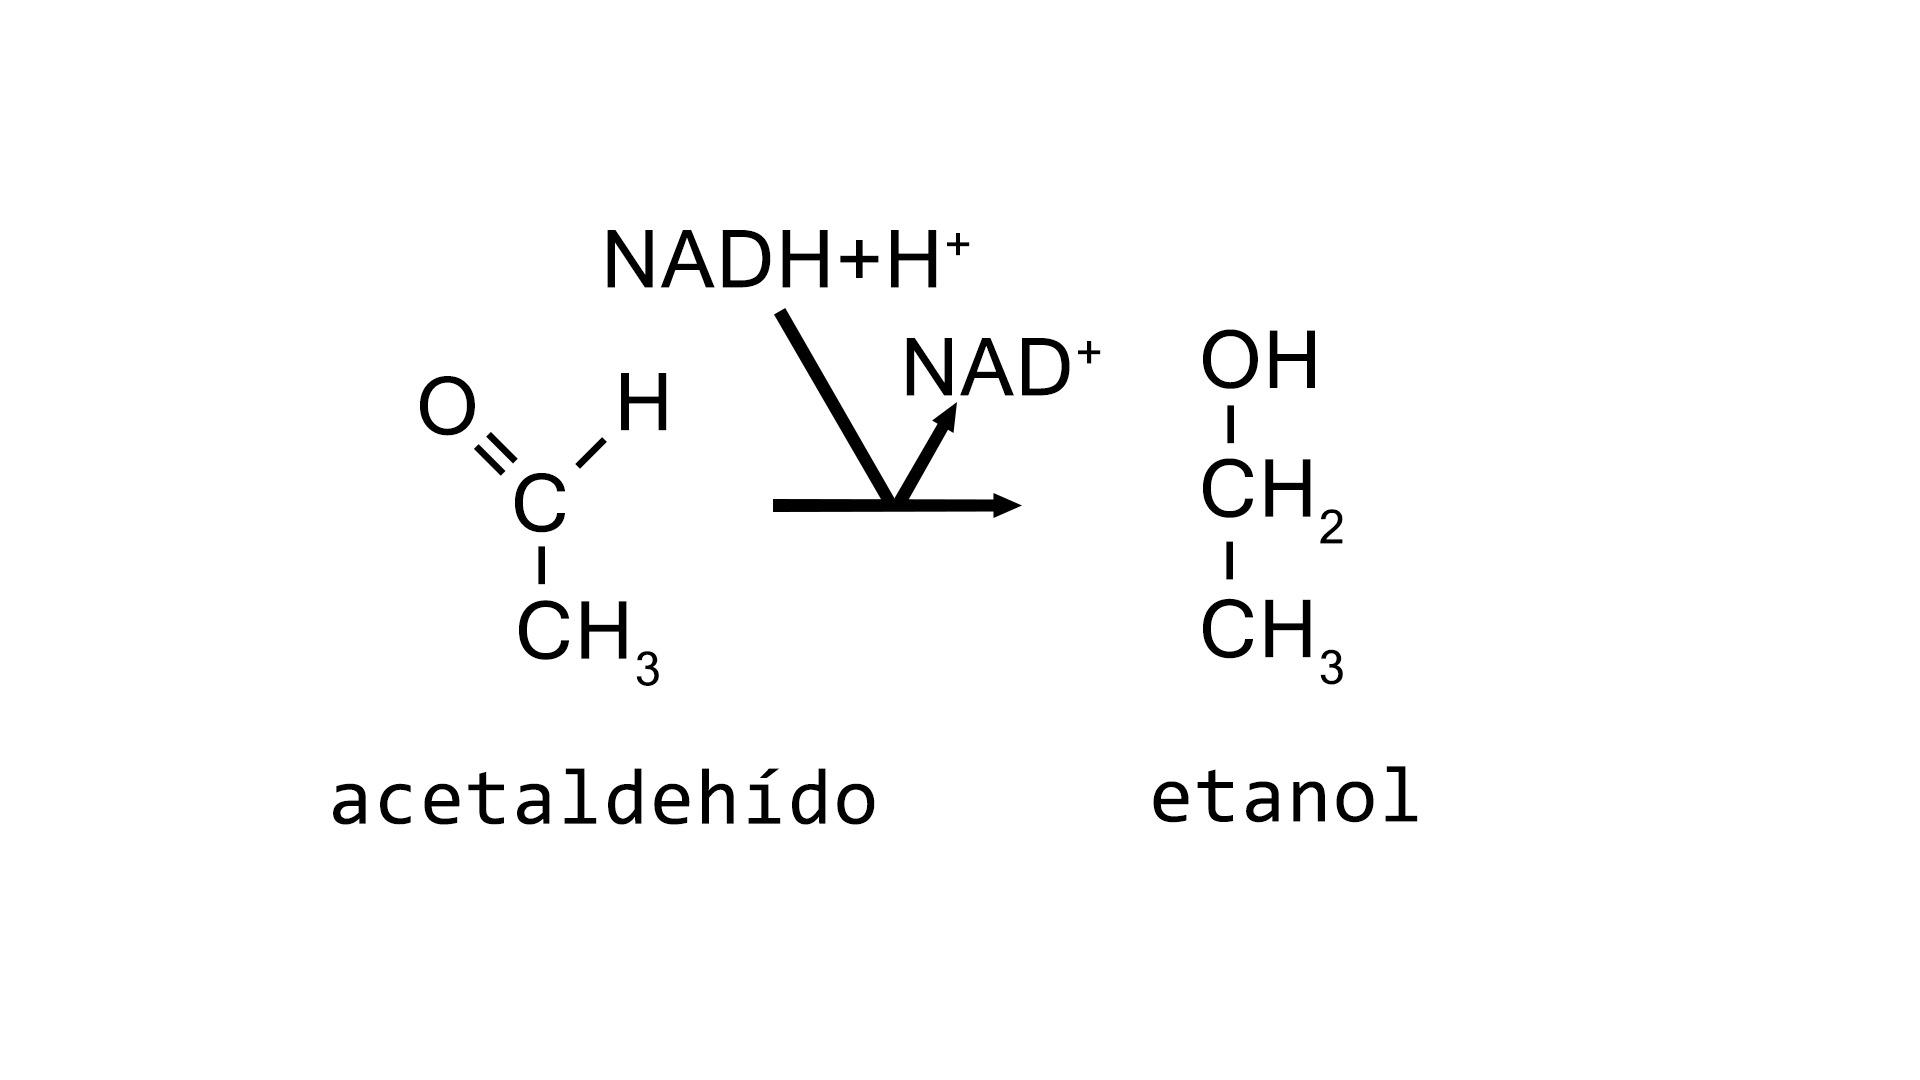 Reducción del acetaldehído catalizada por la enzima alcohol deshidrogenasa